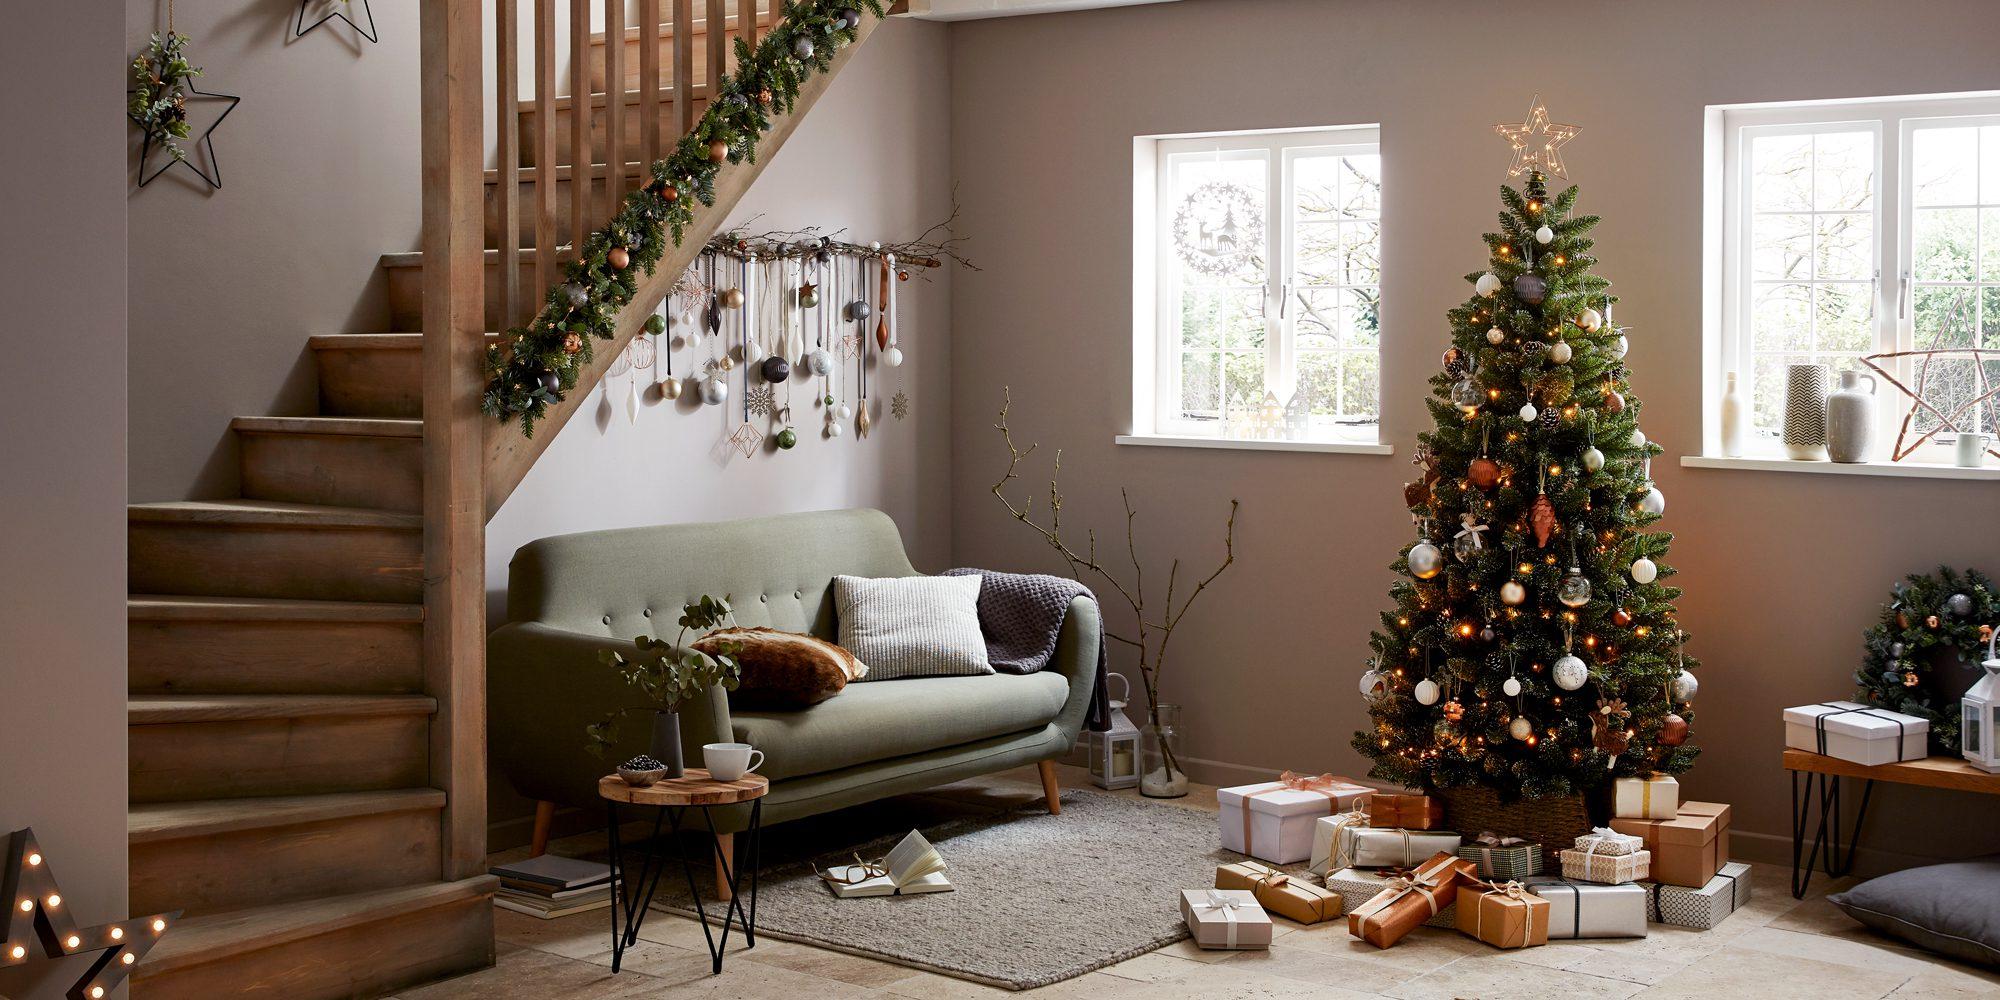 İki katlı evin salonunda duran süslenmiş yılbaşı ağacı